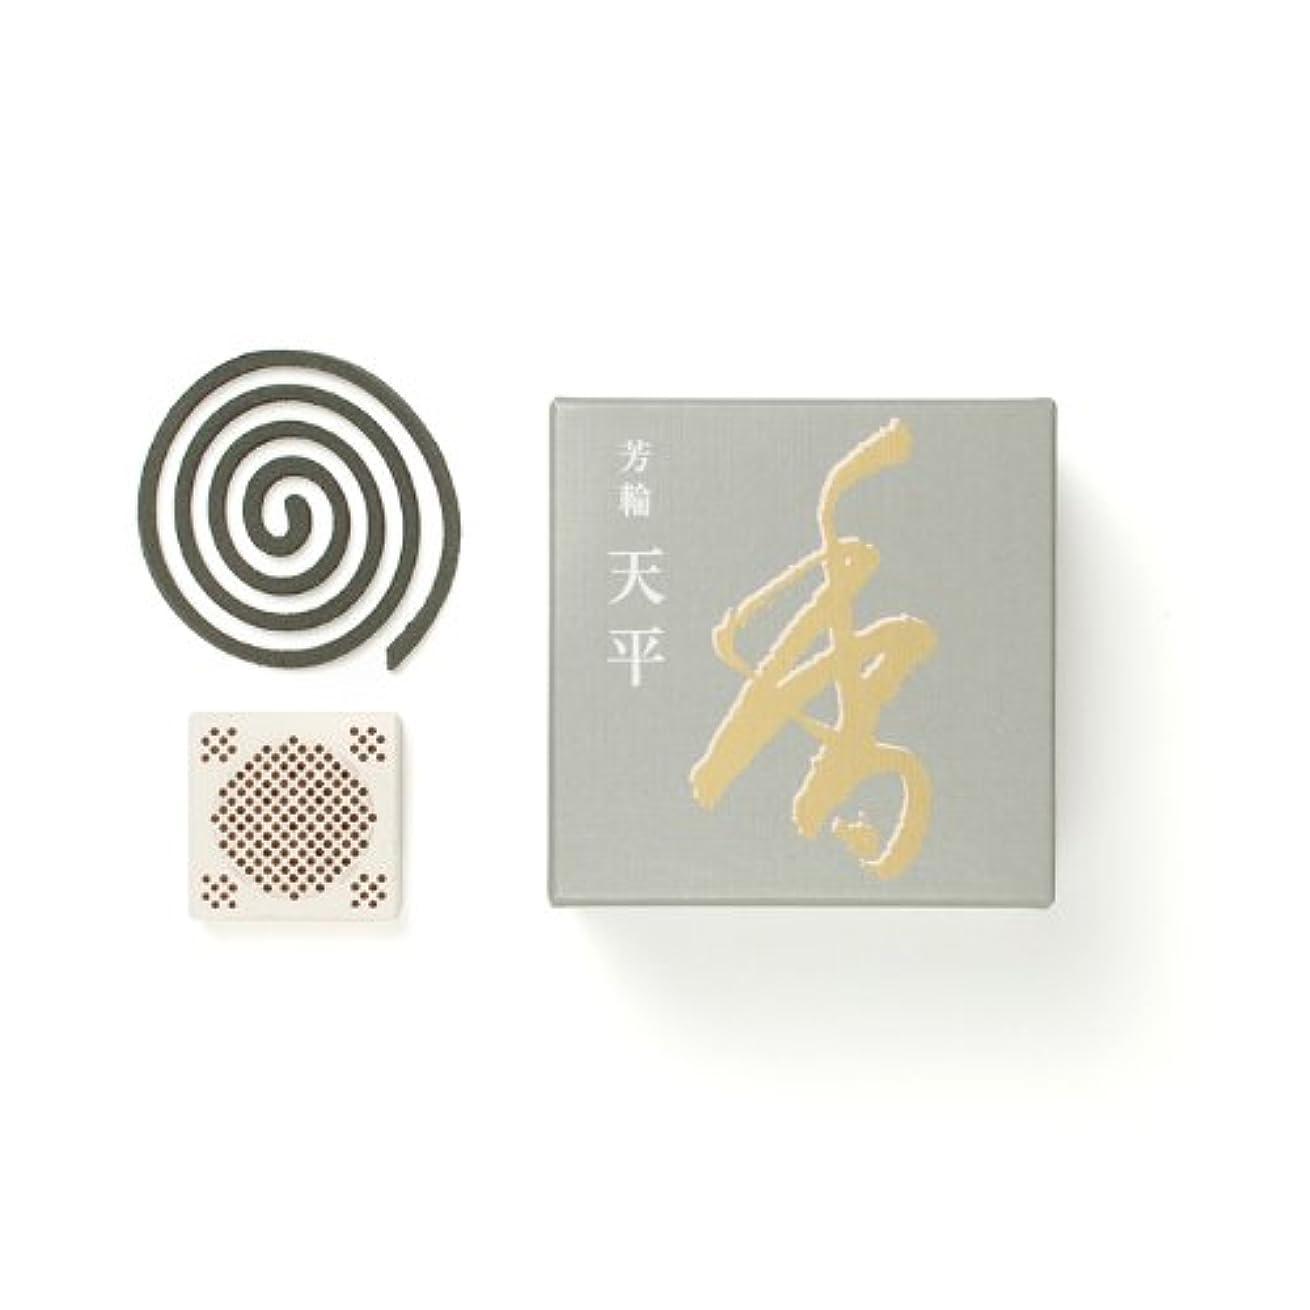 フレームワークあいさつ閲覧する松栄堂 芳輪 天平 うず巻型10枚入